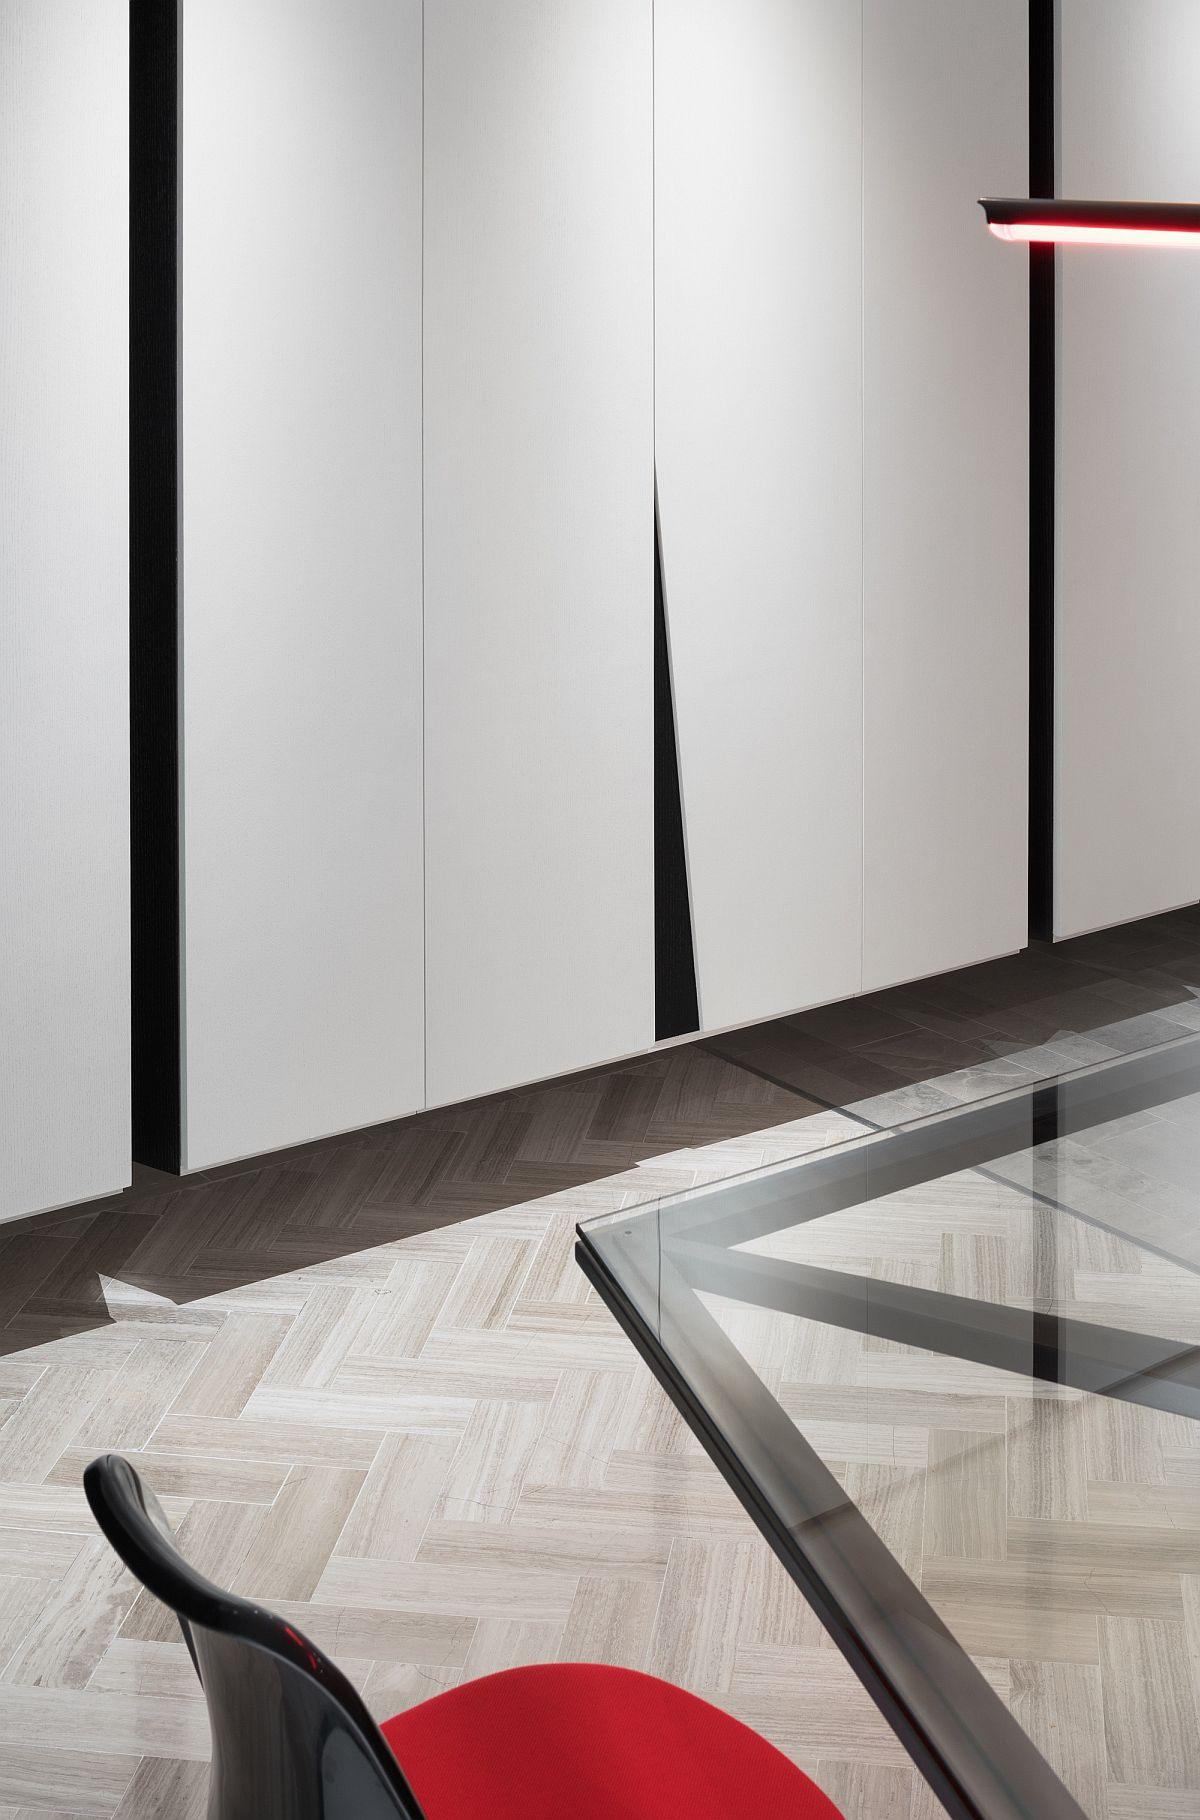 apartament-s-interior-koito-vi-prenasq-v-drugo-izmerenie-913